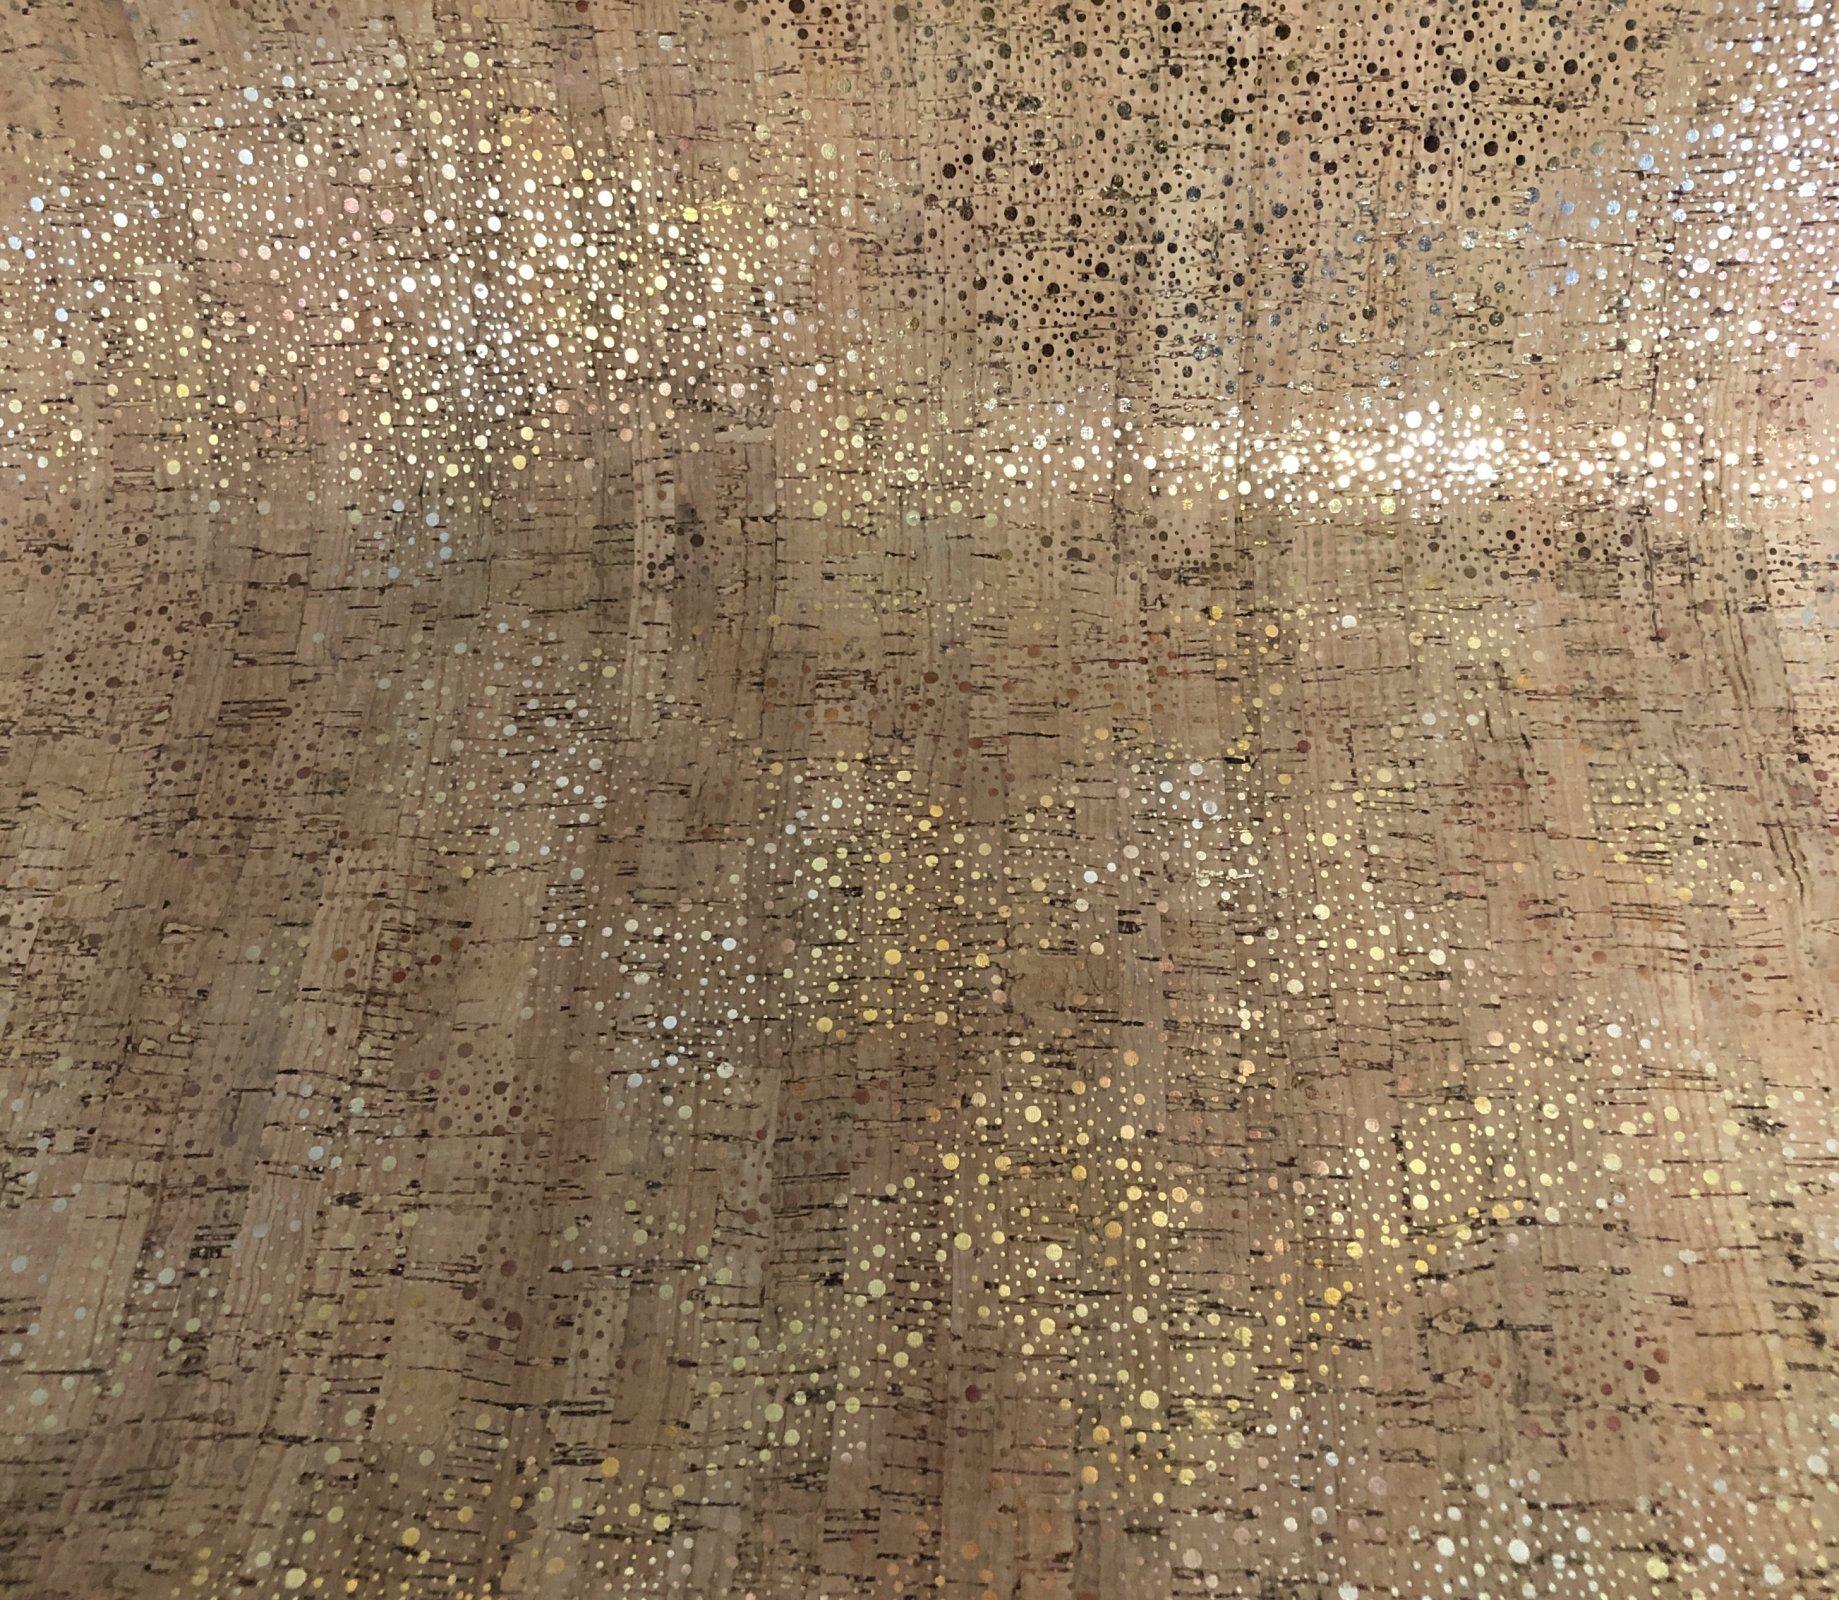 Cork (Shimmer) 50950CM-2 - 18 x 22 inch piece